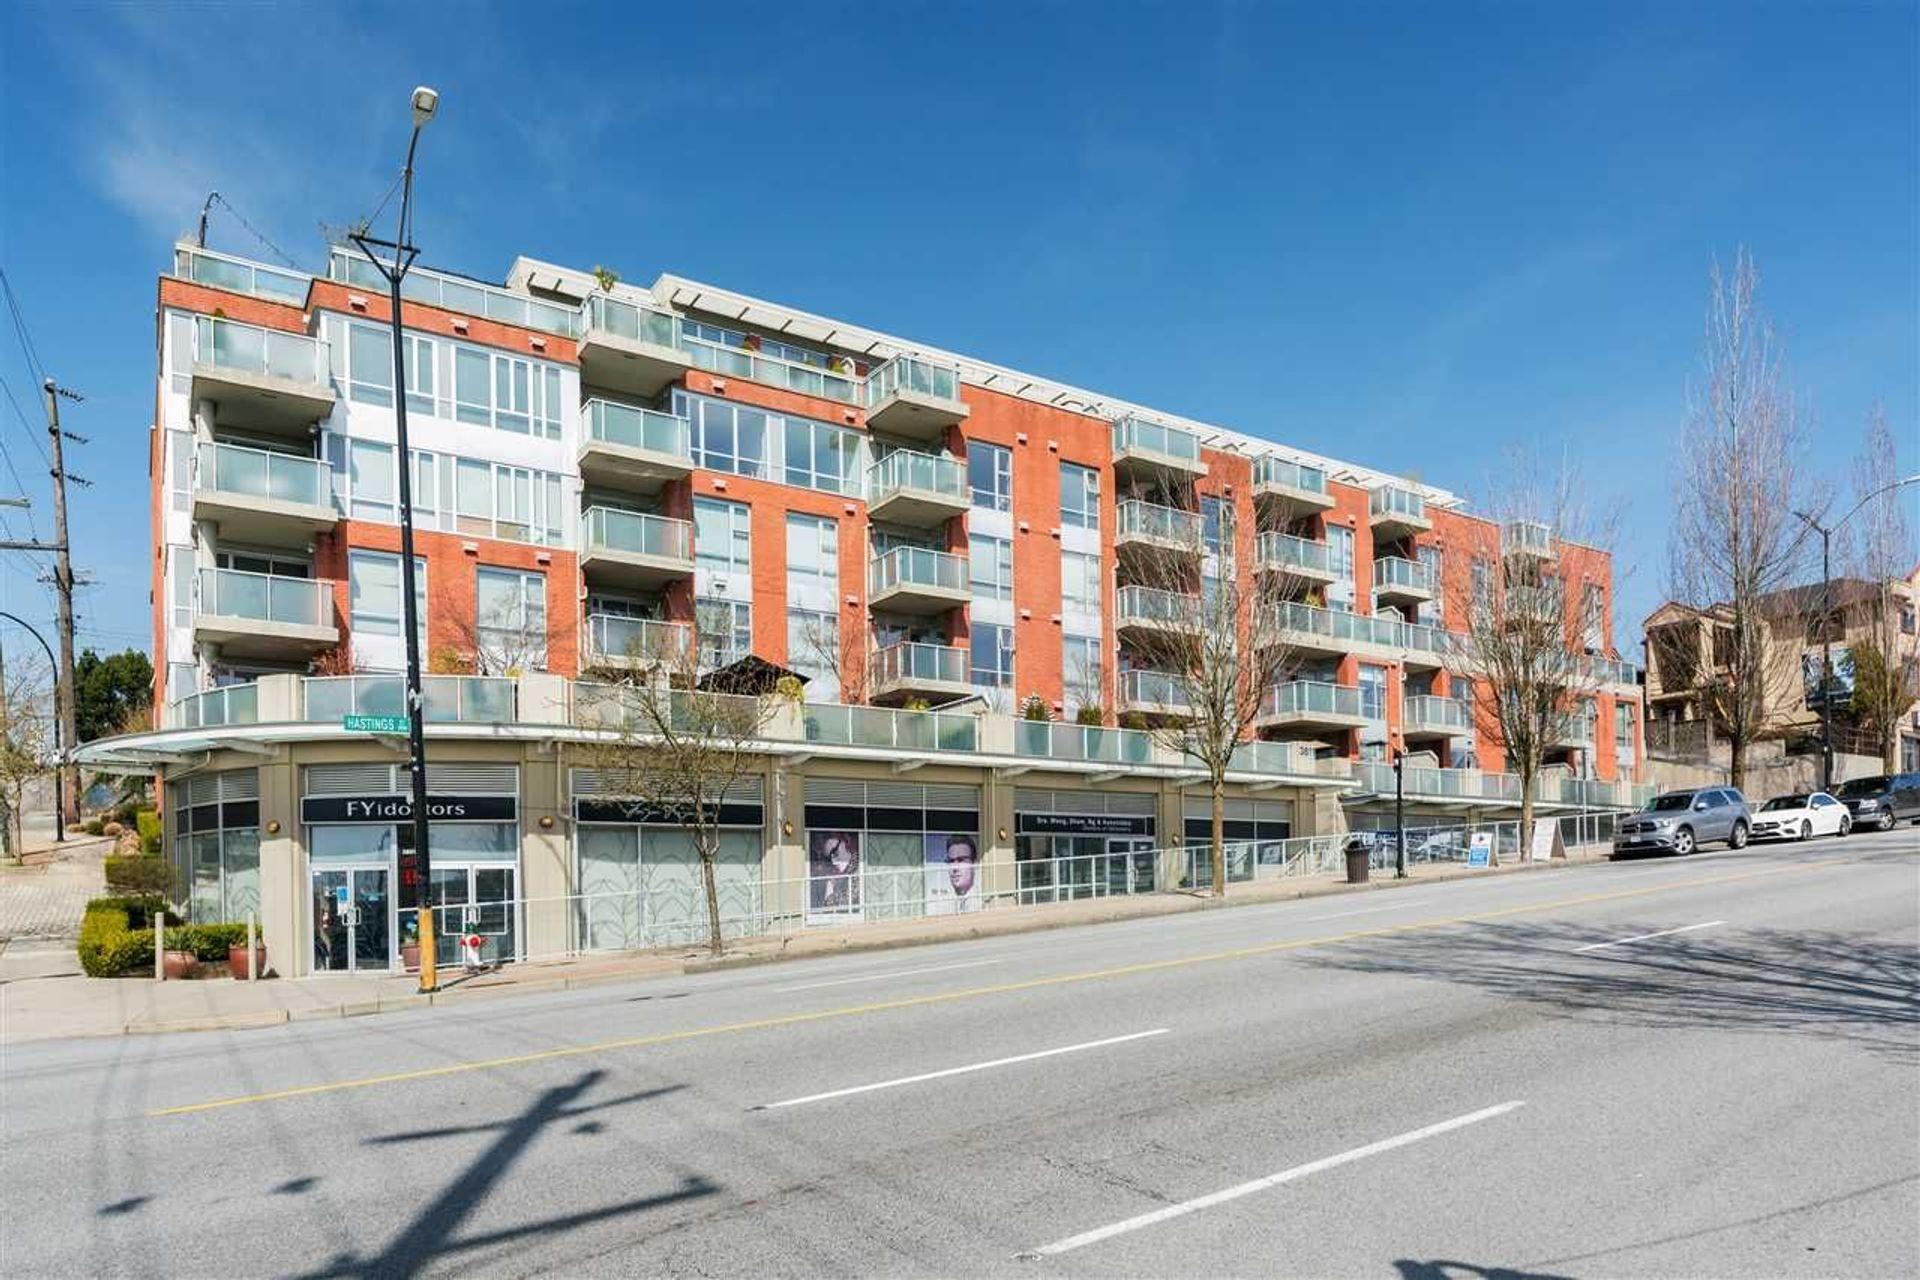 3811-hastings-street-vancouver-heights-burnaby-north-36 at 103 - 3811 Hastings Street, Vancouver Heights, Burnaby North